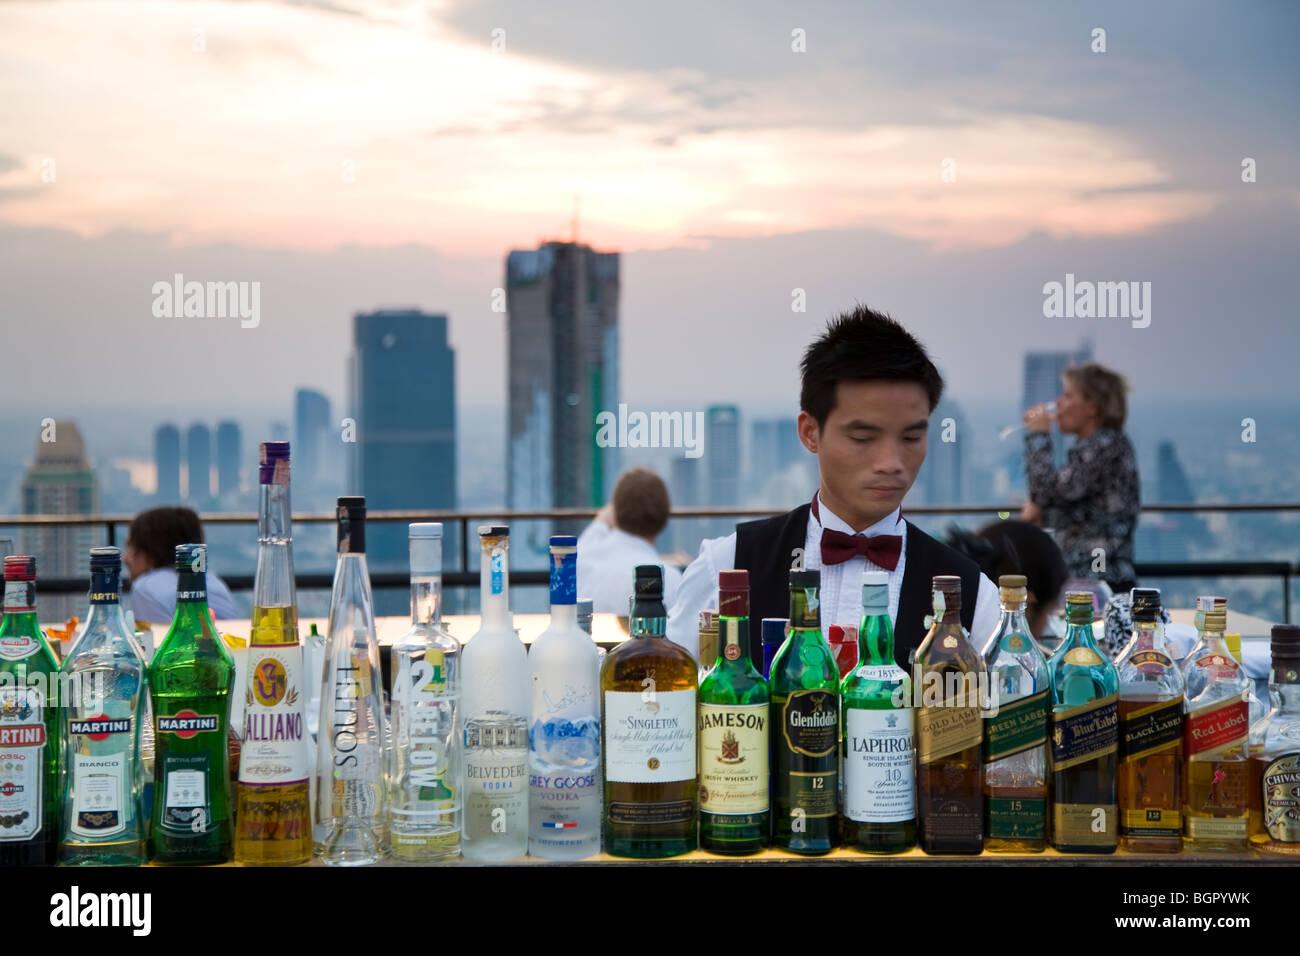 Bar Vertigo, Business district, Bangkok, Thailand - Stock Image